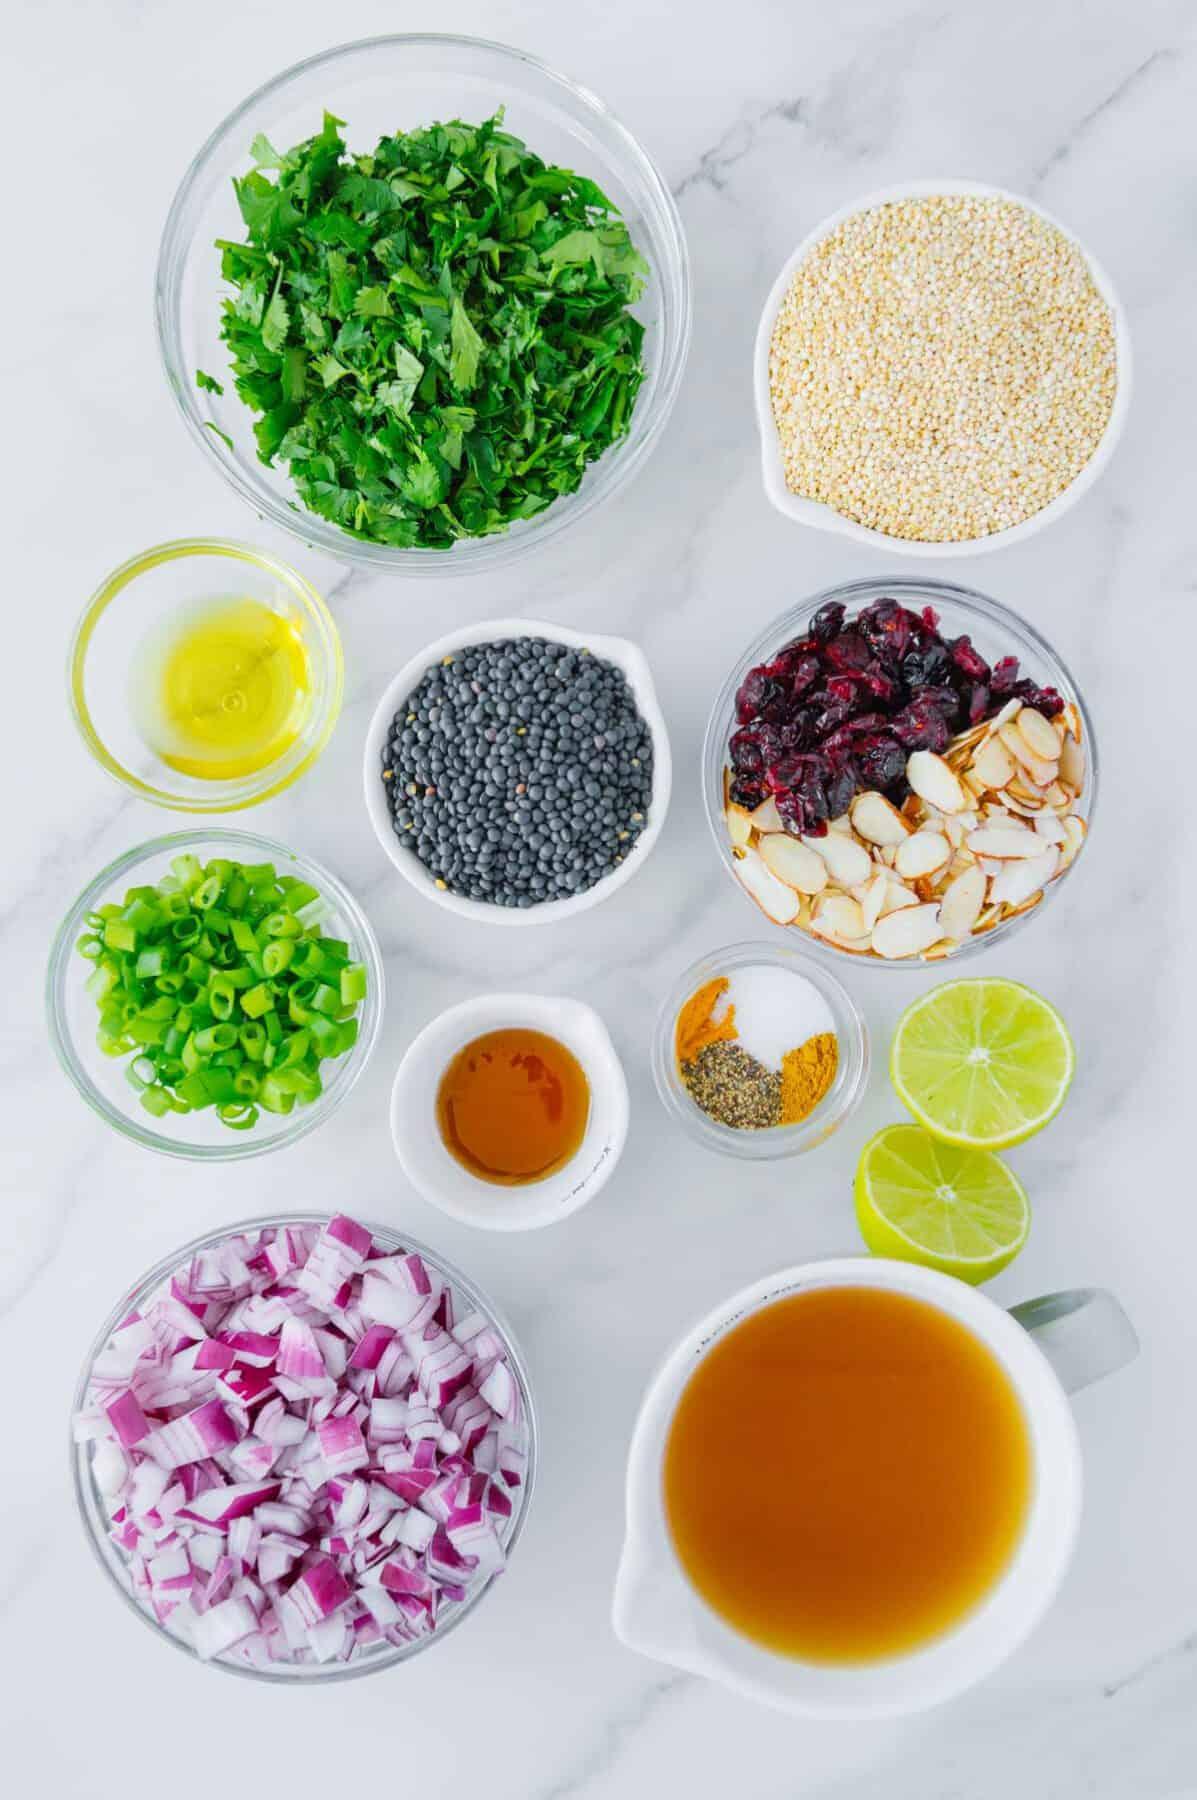 Spiced Lentil Quinoa Salad